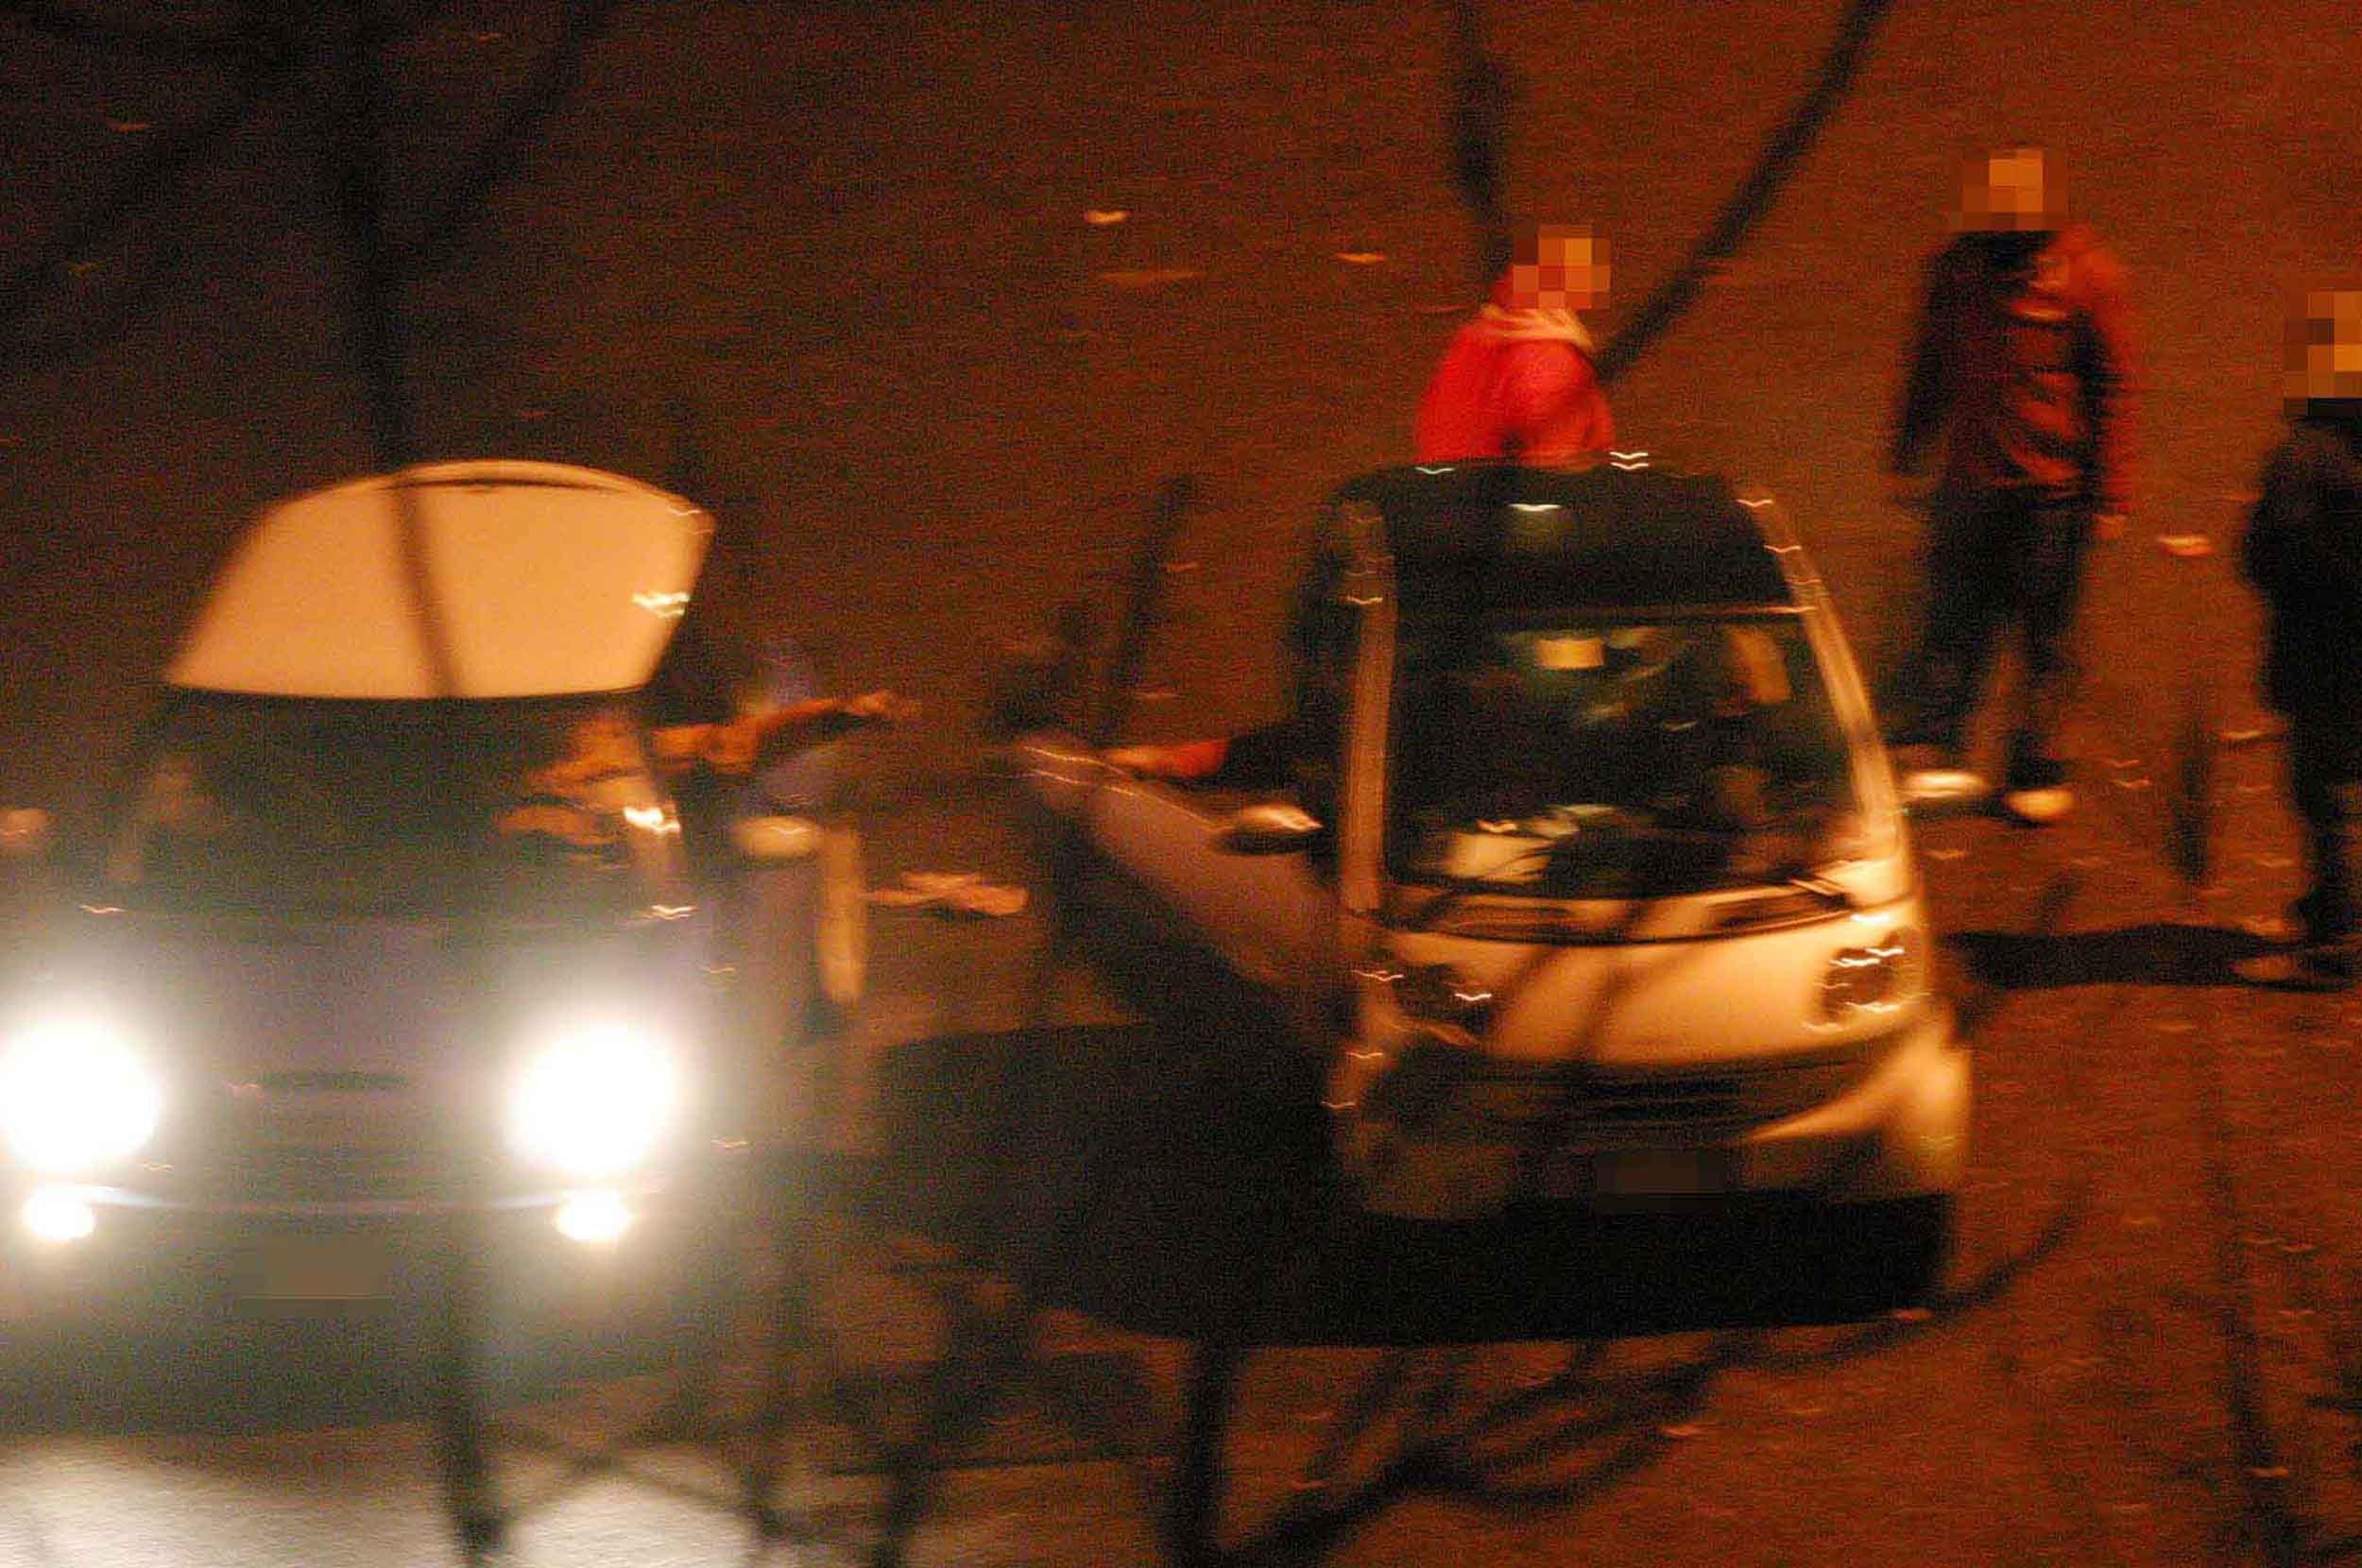 Spaccio di droga in strada: spesso è il destino che accomuna i baby criminali dopo carcere o comunità